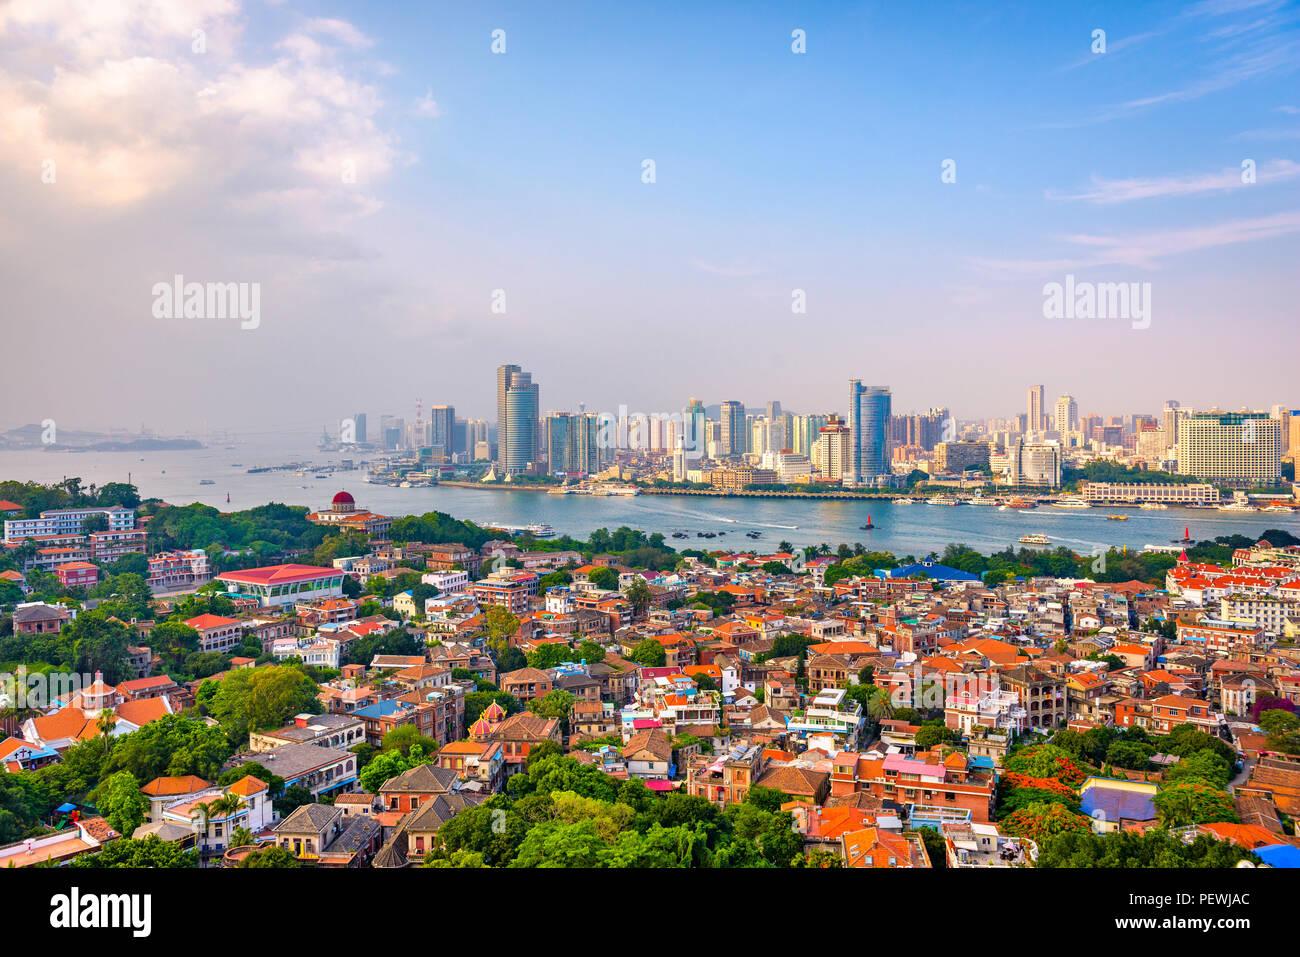 xiamen china city skyline from gulangyu island PEWJAC